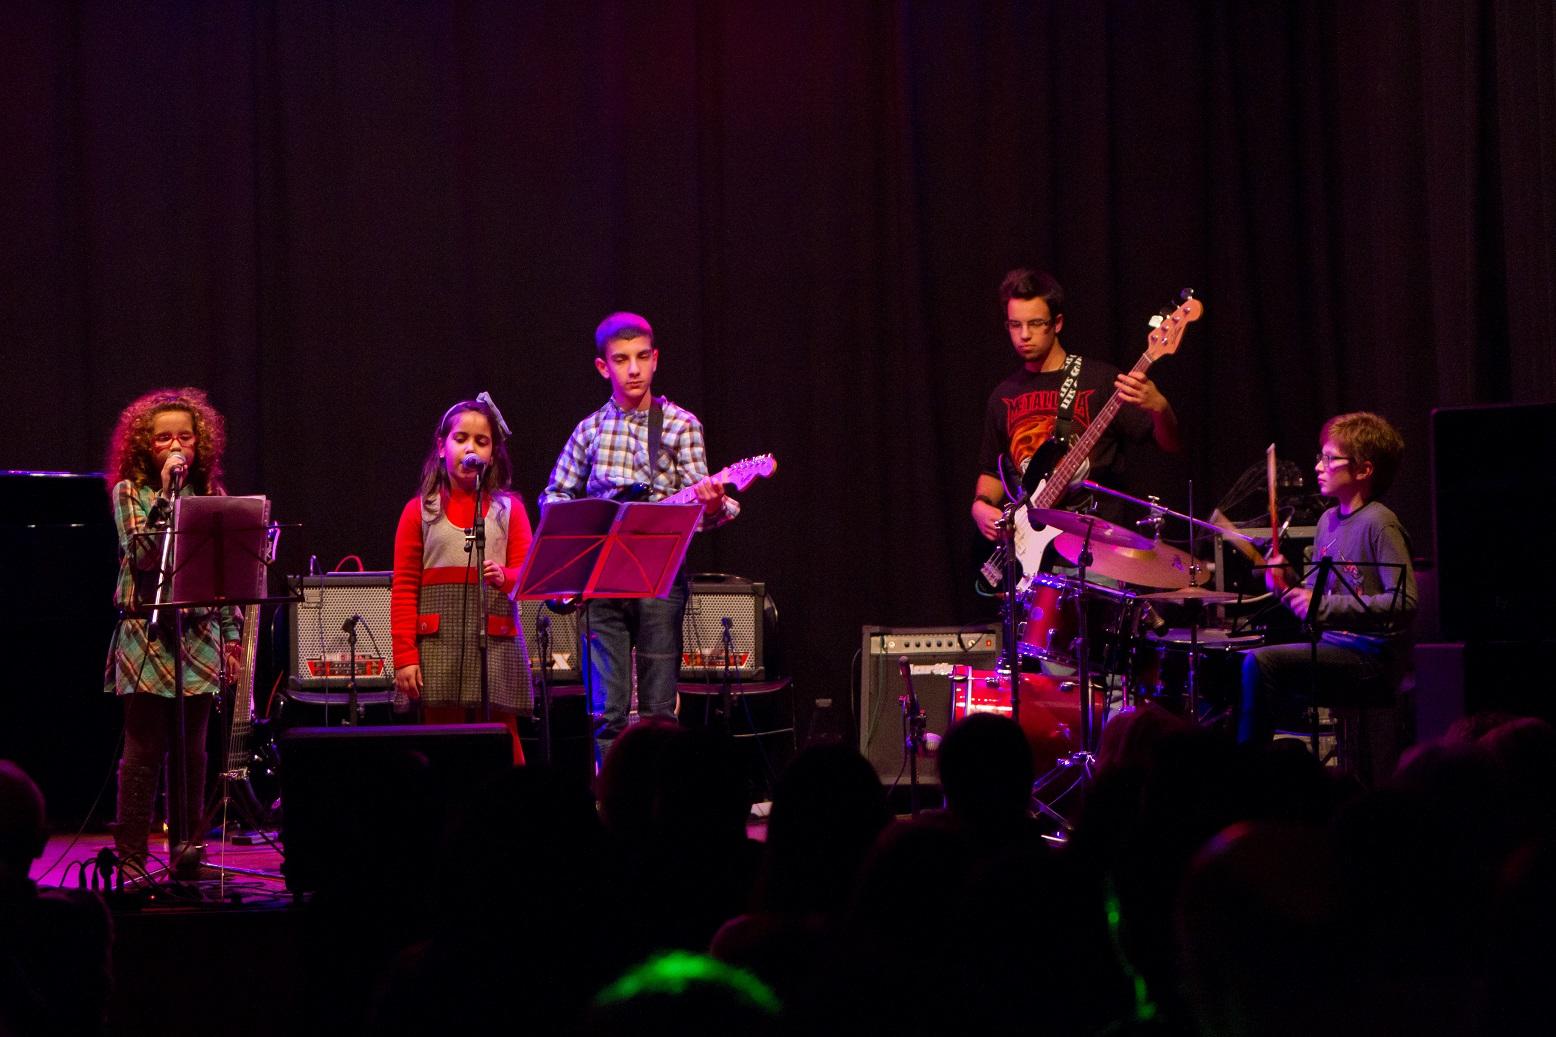 Cerca de 30 alunos de Escola Viana Música apresentam-se em concerto no liceu